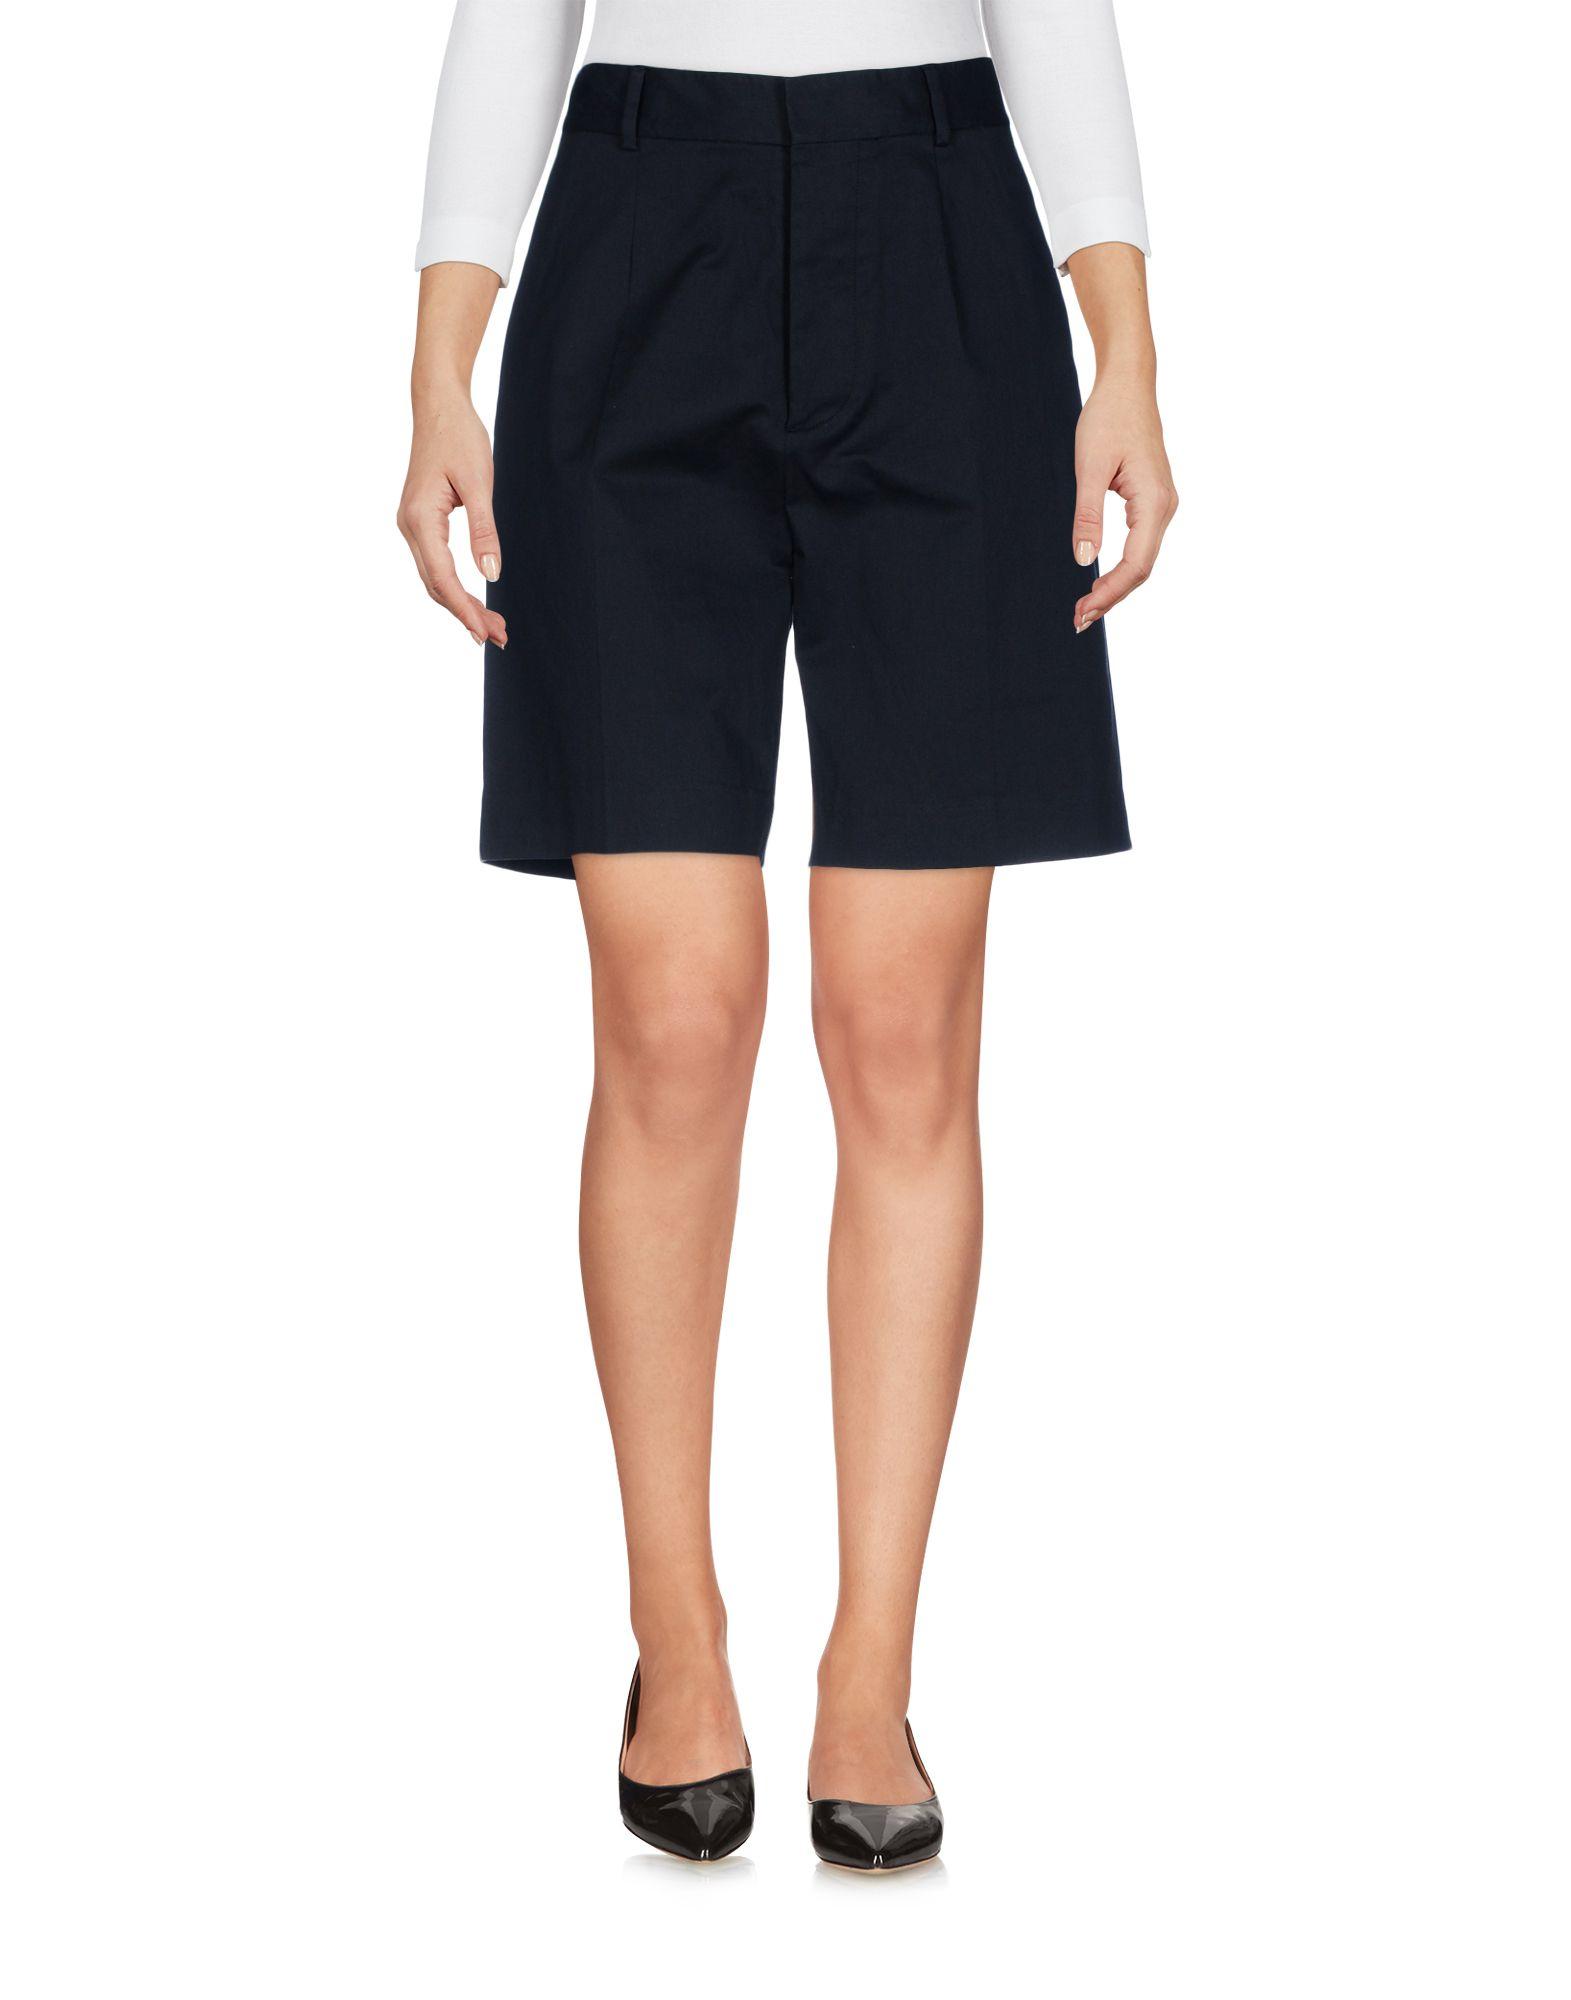 DSQUARED2 Damen Bermudashorts Farbe Schwarz Größe 3 - broschei